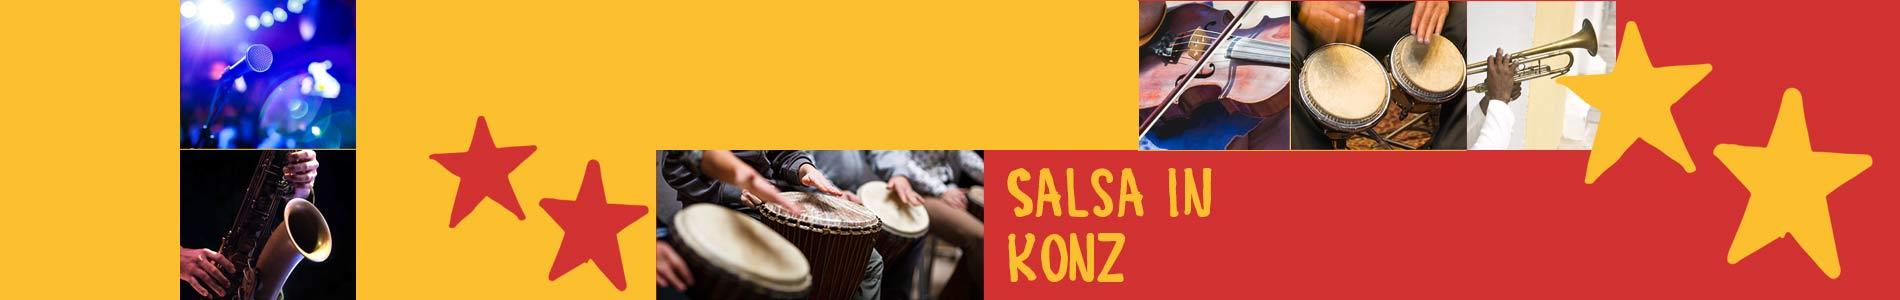 Salsa in Konz – Salsa lernen und tanzen, Tanzkurse, Partys, Veranstaltungen